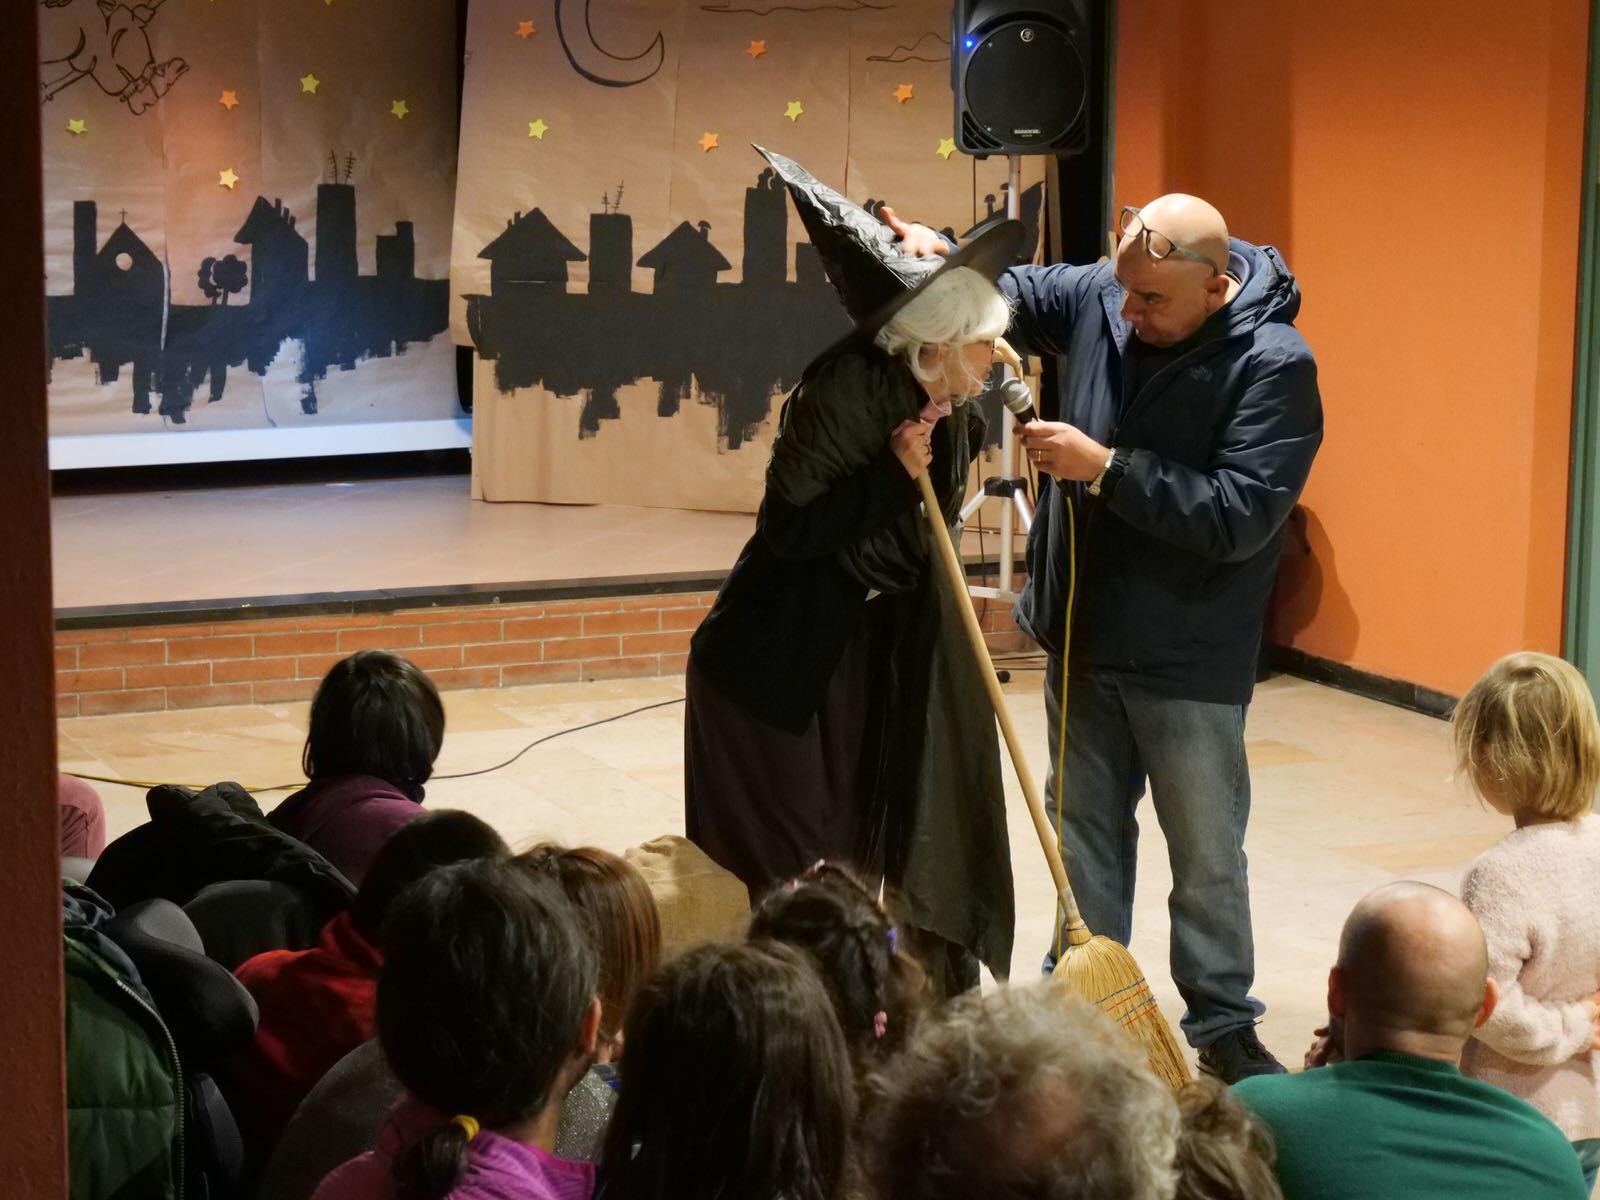 Festa della Befana Centro Benedetto Acquarone 2019.01.05 05